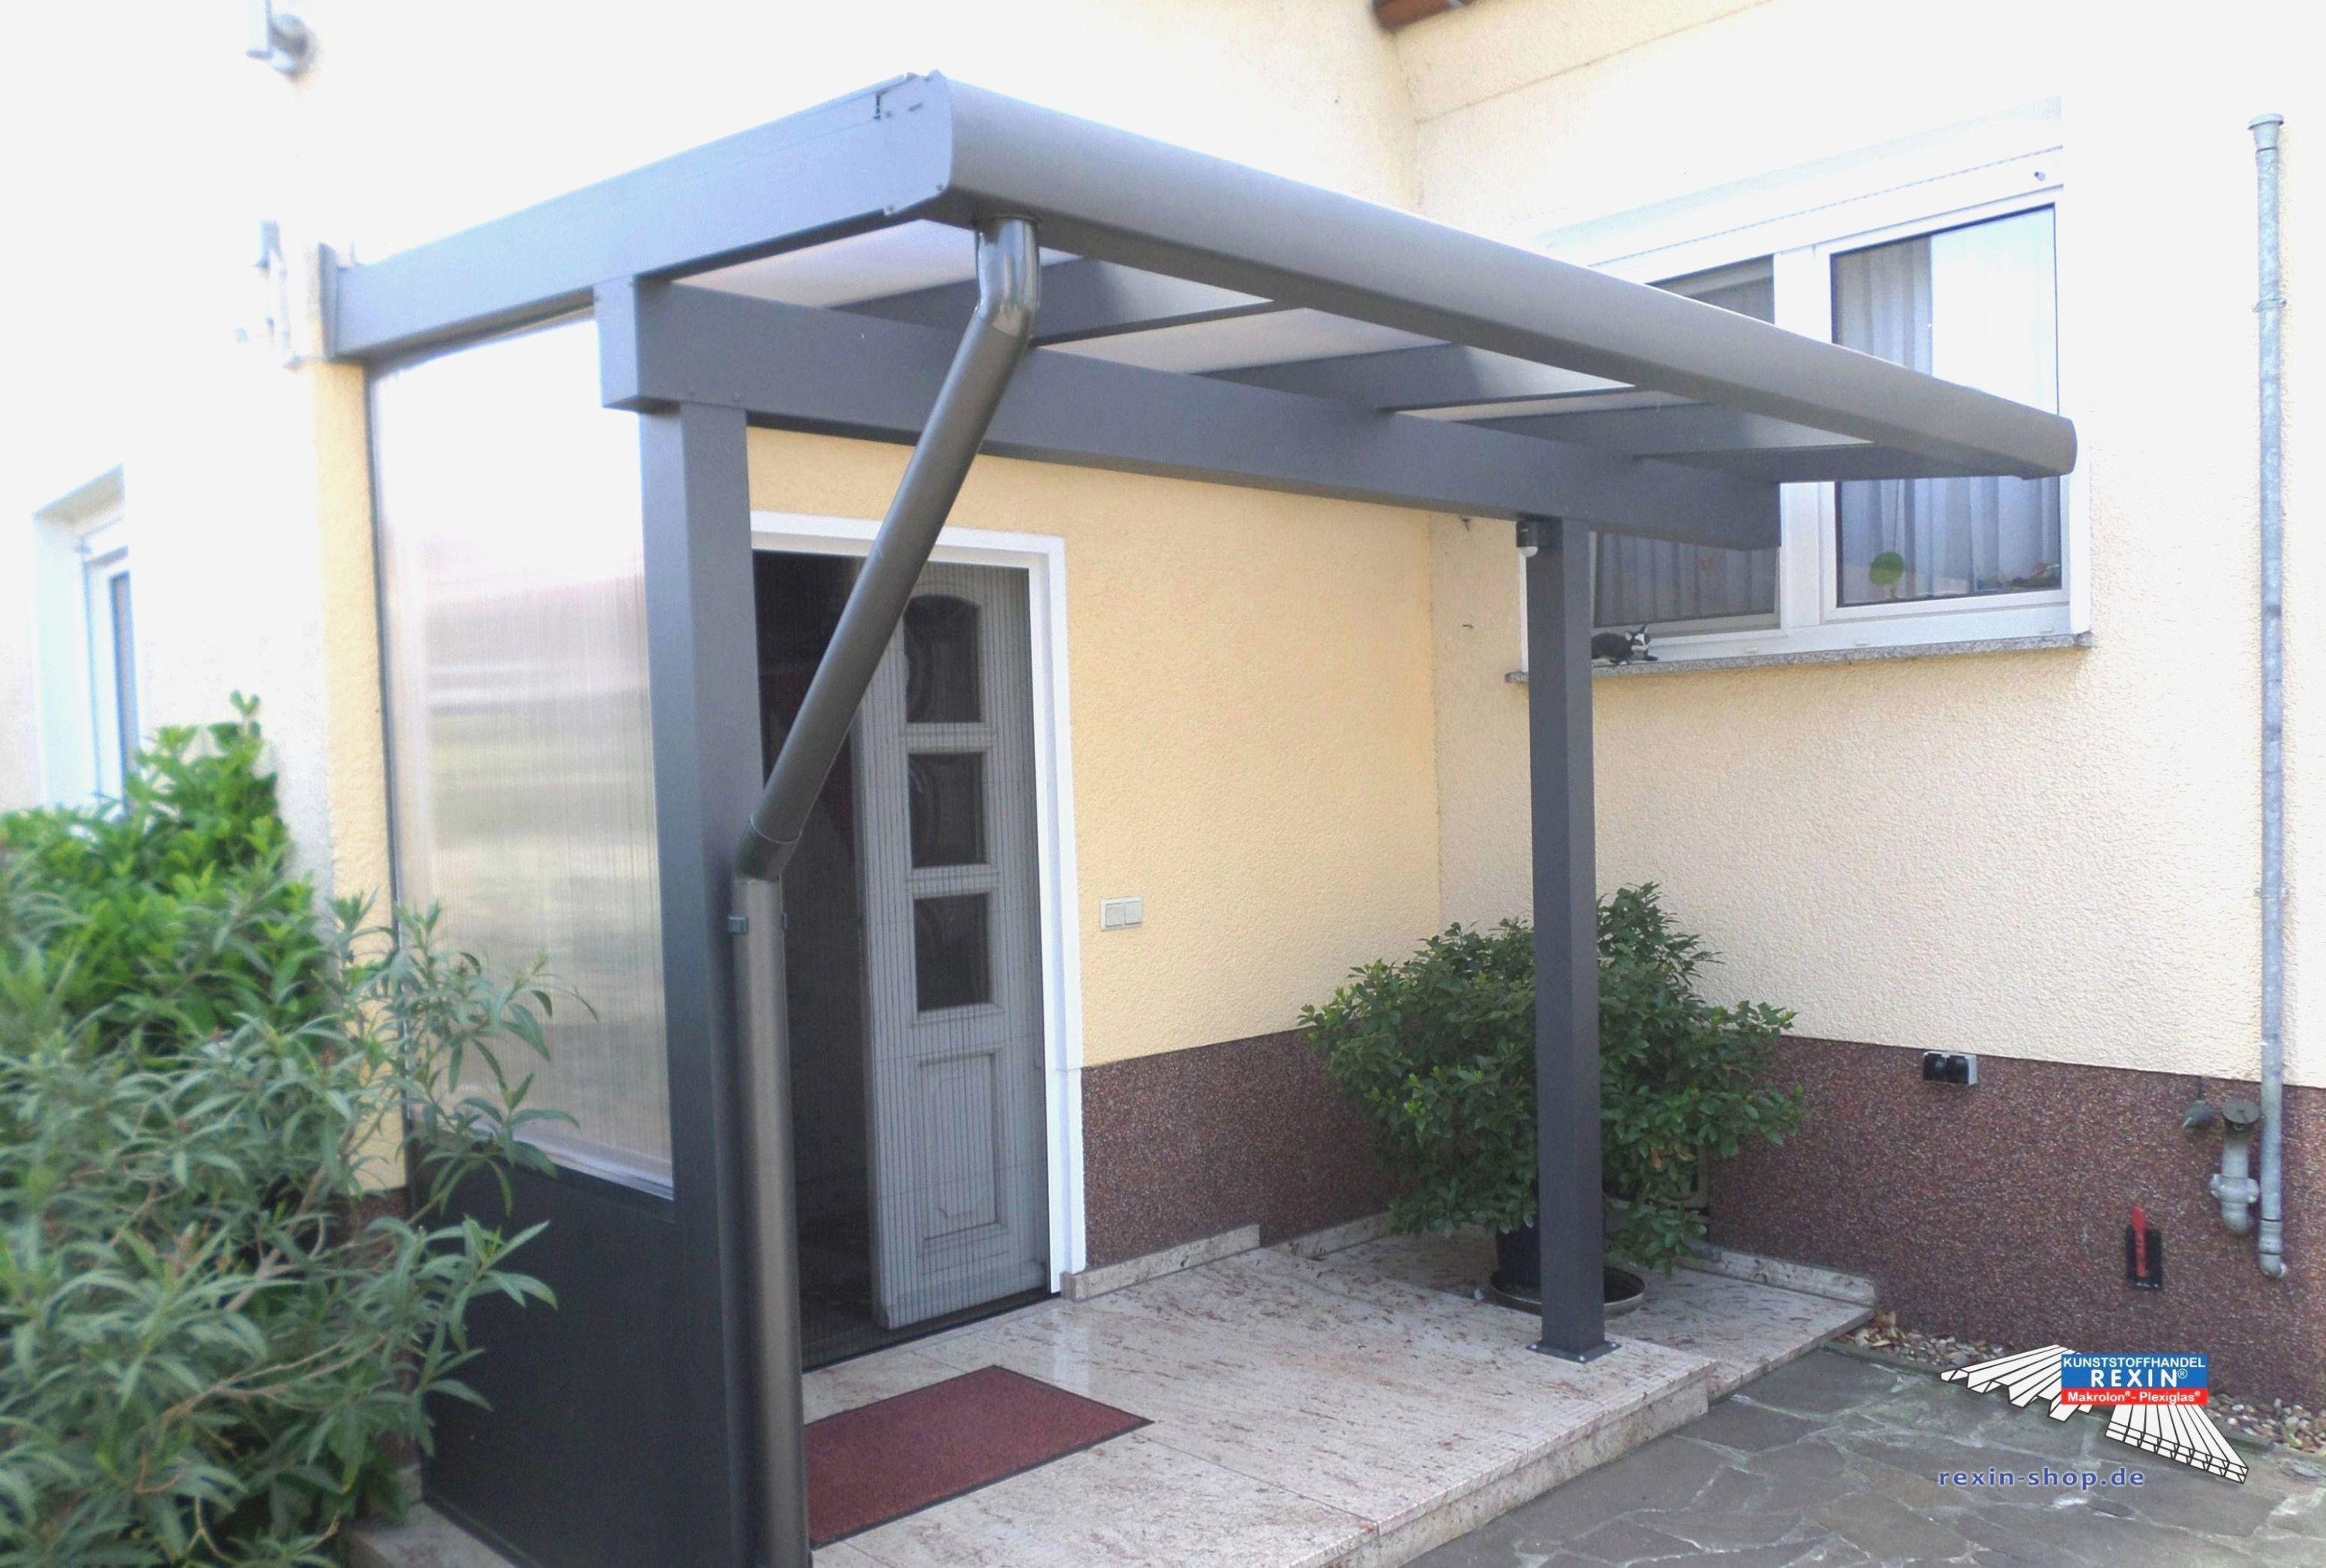 48 Luxus Fur Windschutz Terrasse Plexiglas